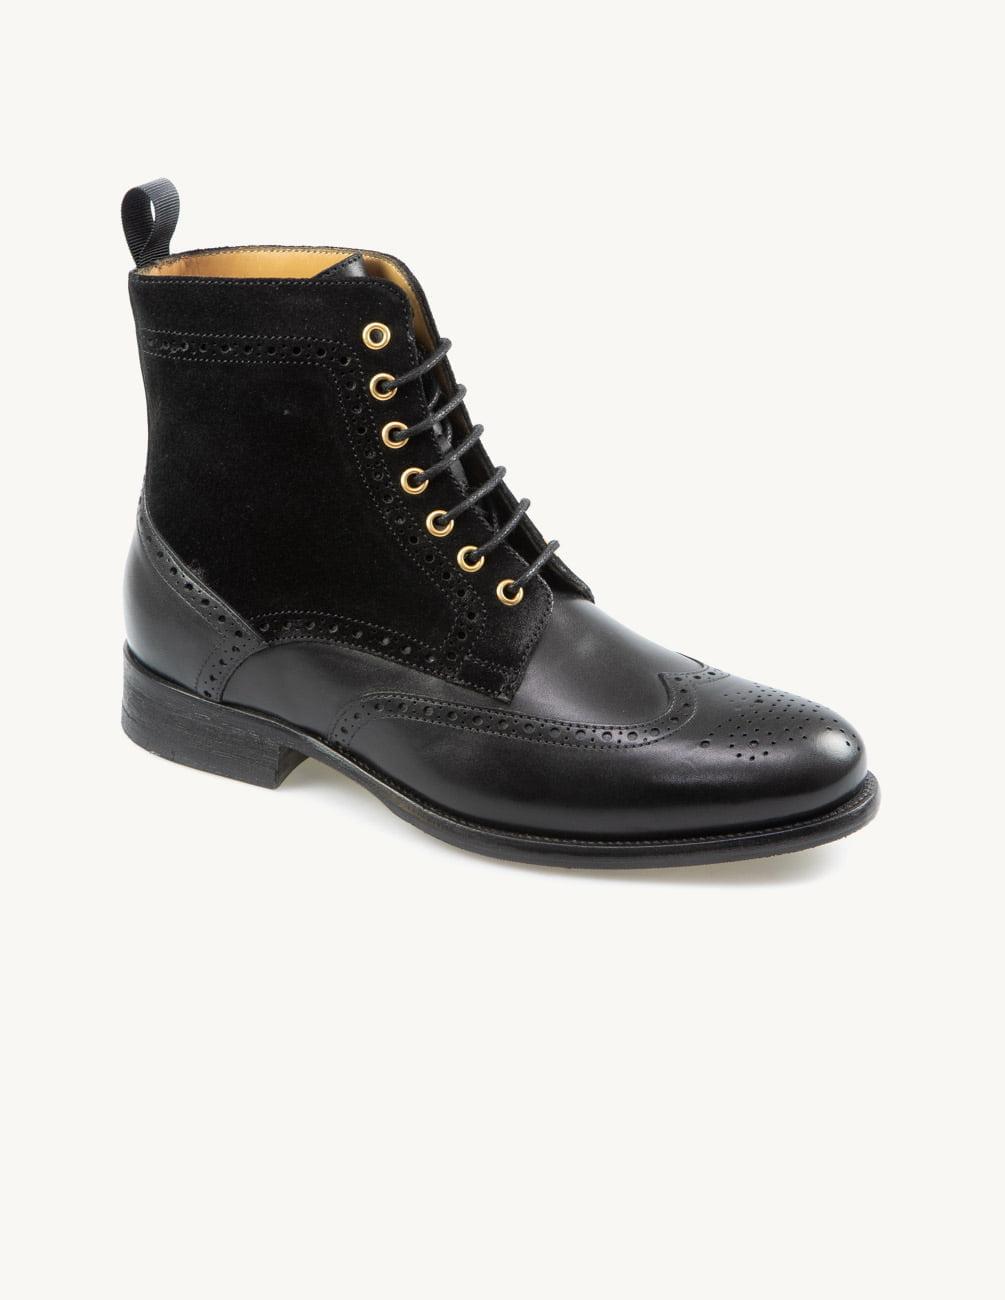 O melhor investimento: botins pretos rasos de senhora em pele de vitela, design clássico